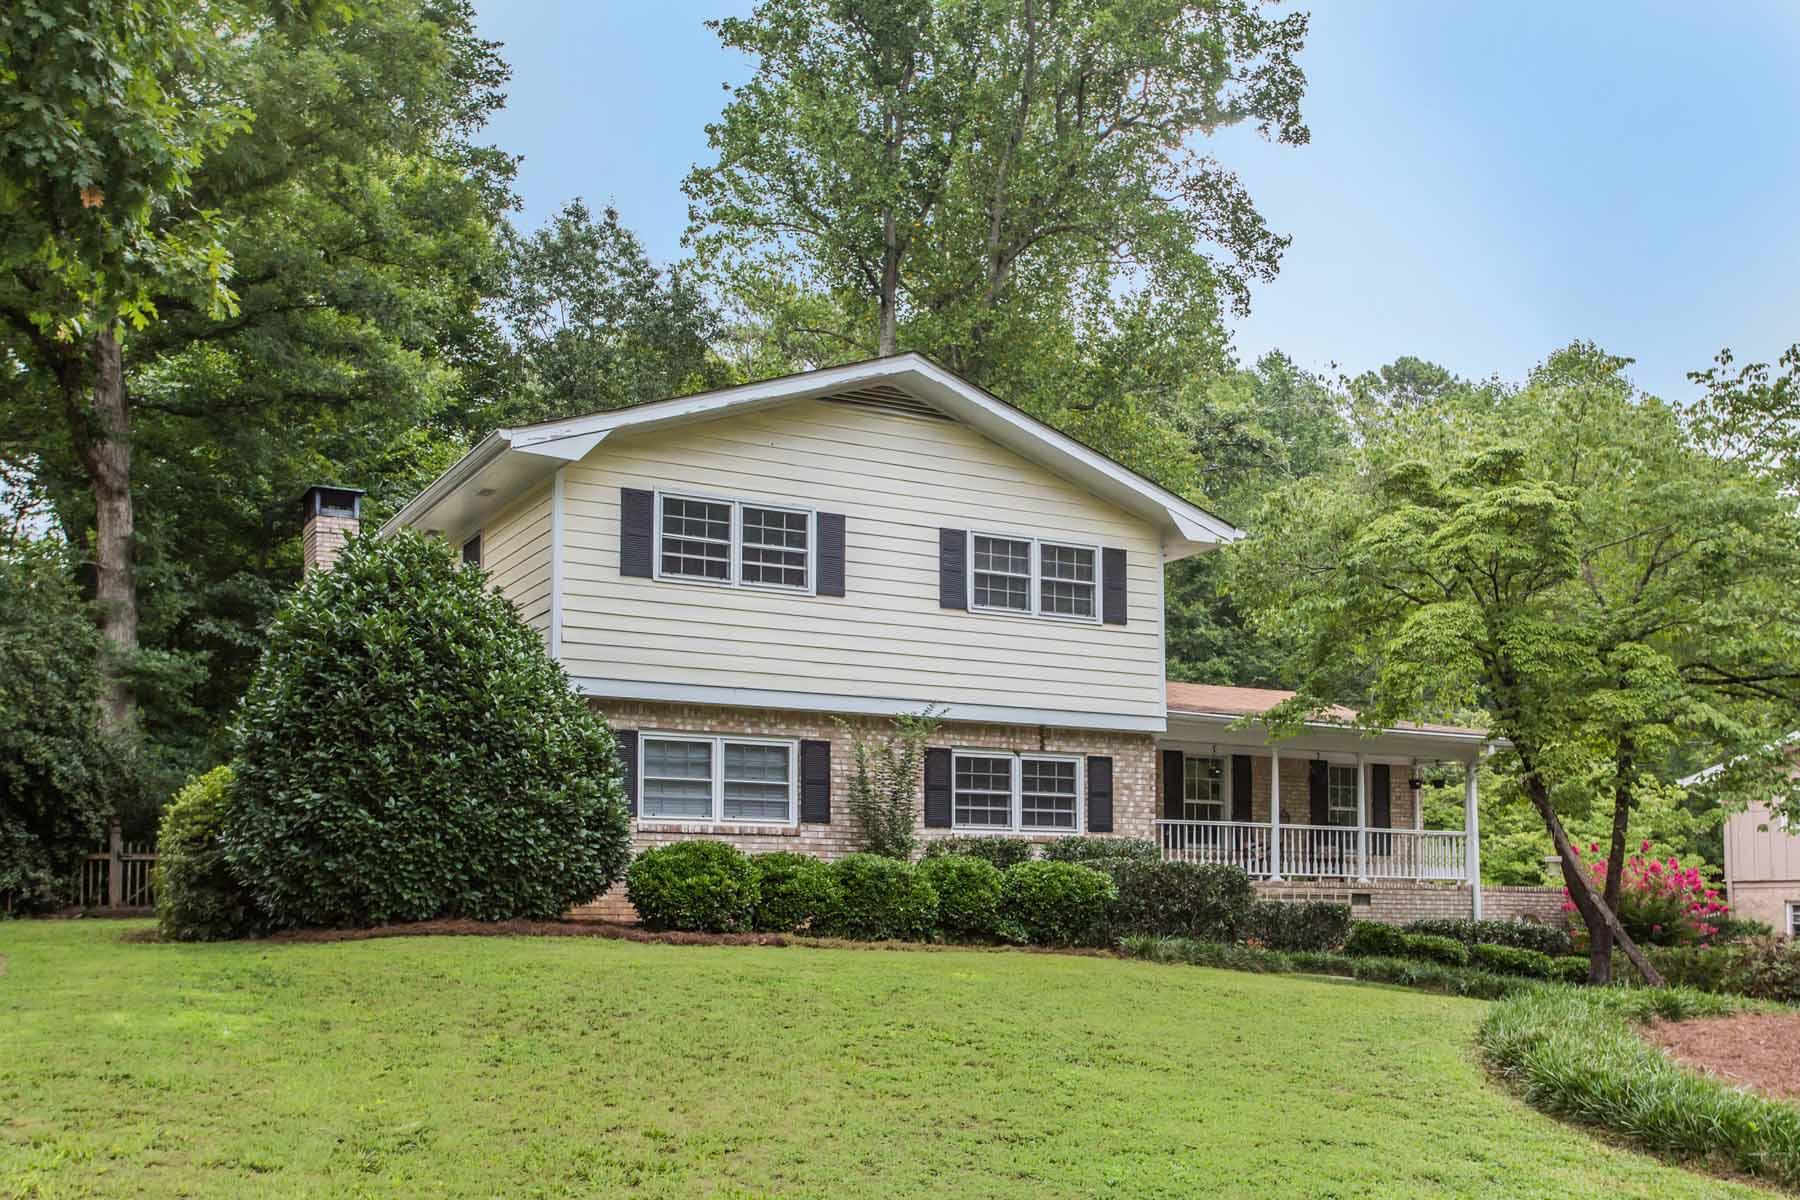 Casa Unifamiliar por un Venta en Charming Home in Dunwoody 5698 Bend Creek Road Dunwoody, Georgia, 30338 Estados Unidos